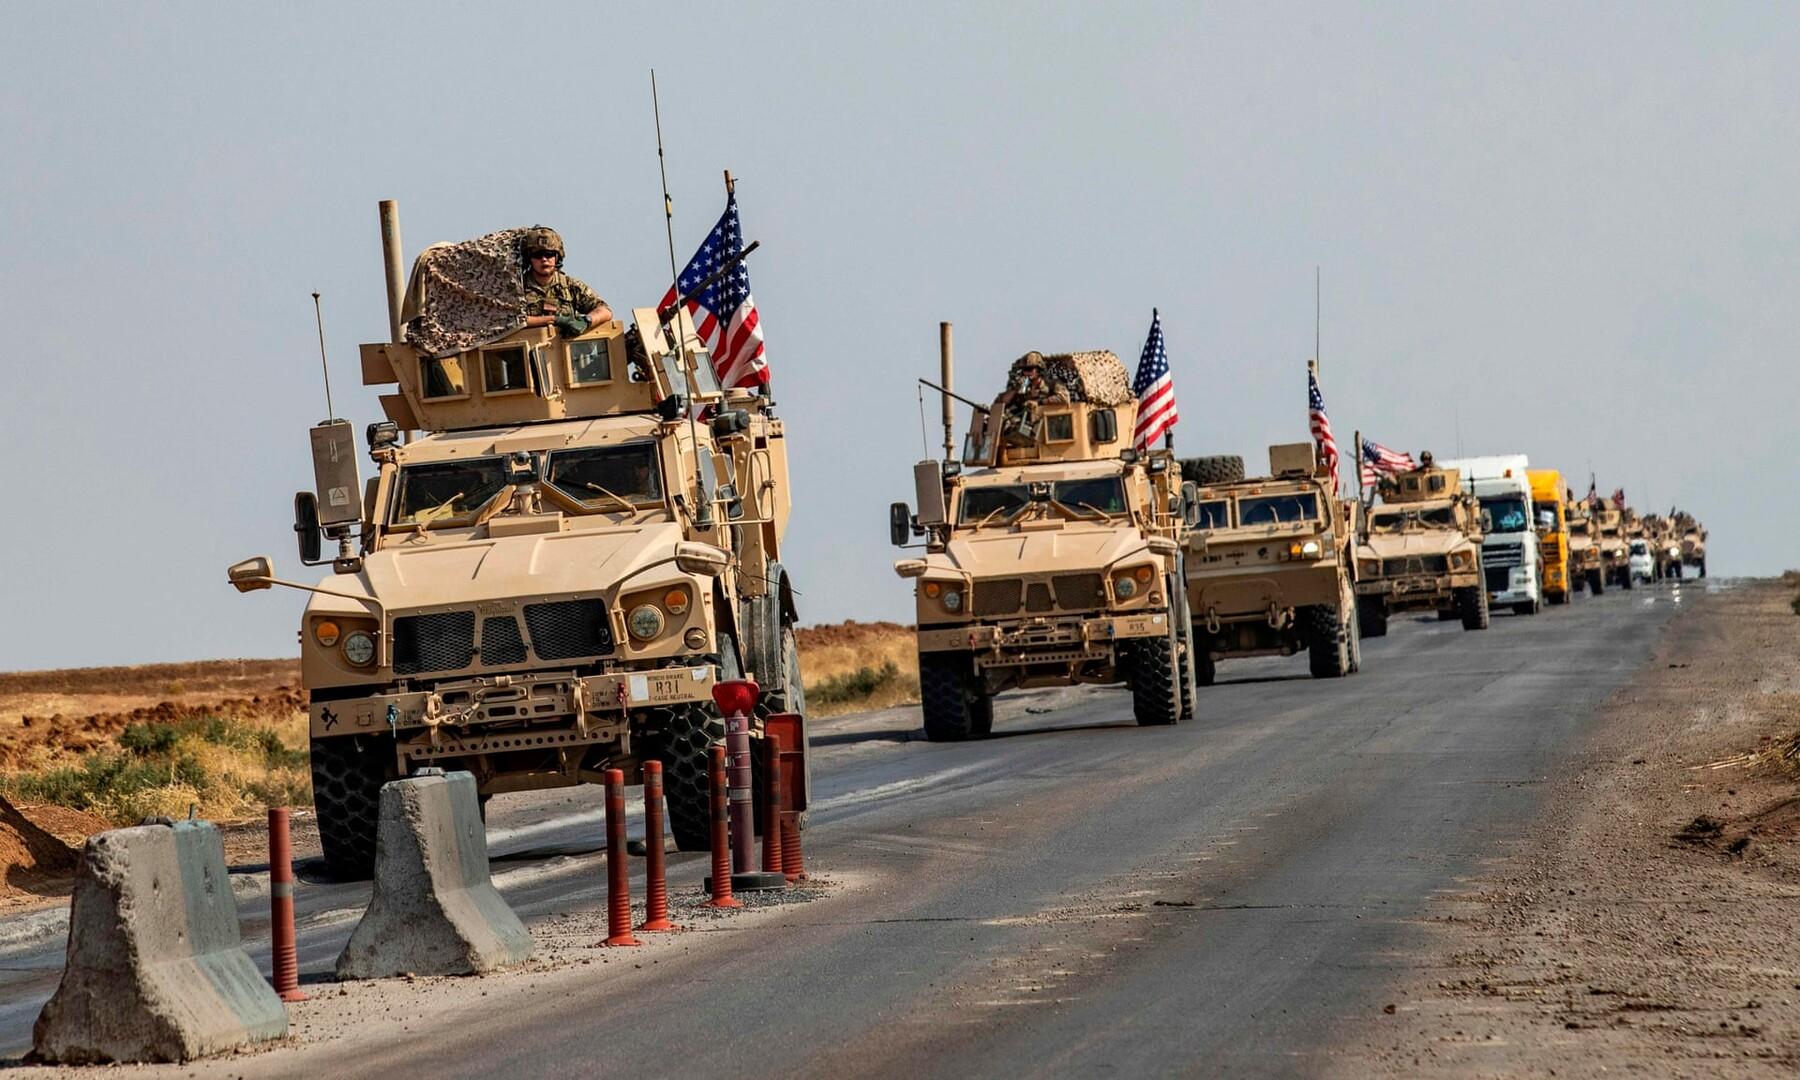 واشنطن: قواتنا في سوريا ستمنع وصول دمشق أو موسكو إلى حقول النفط -